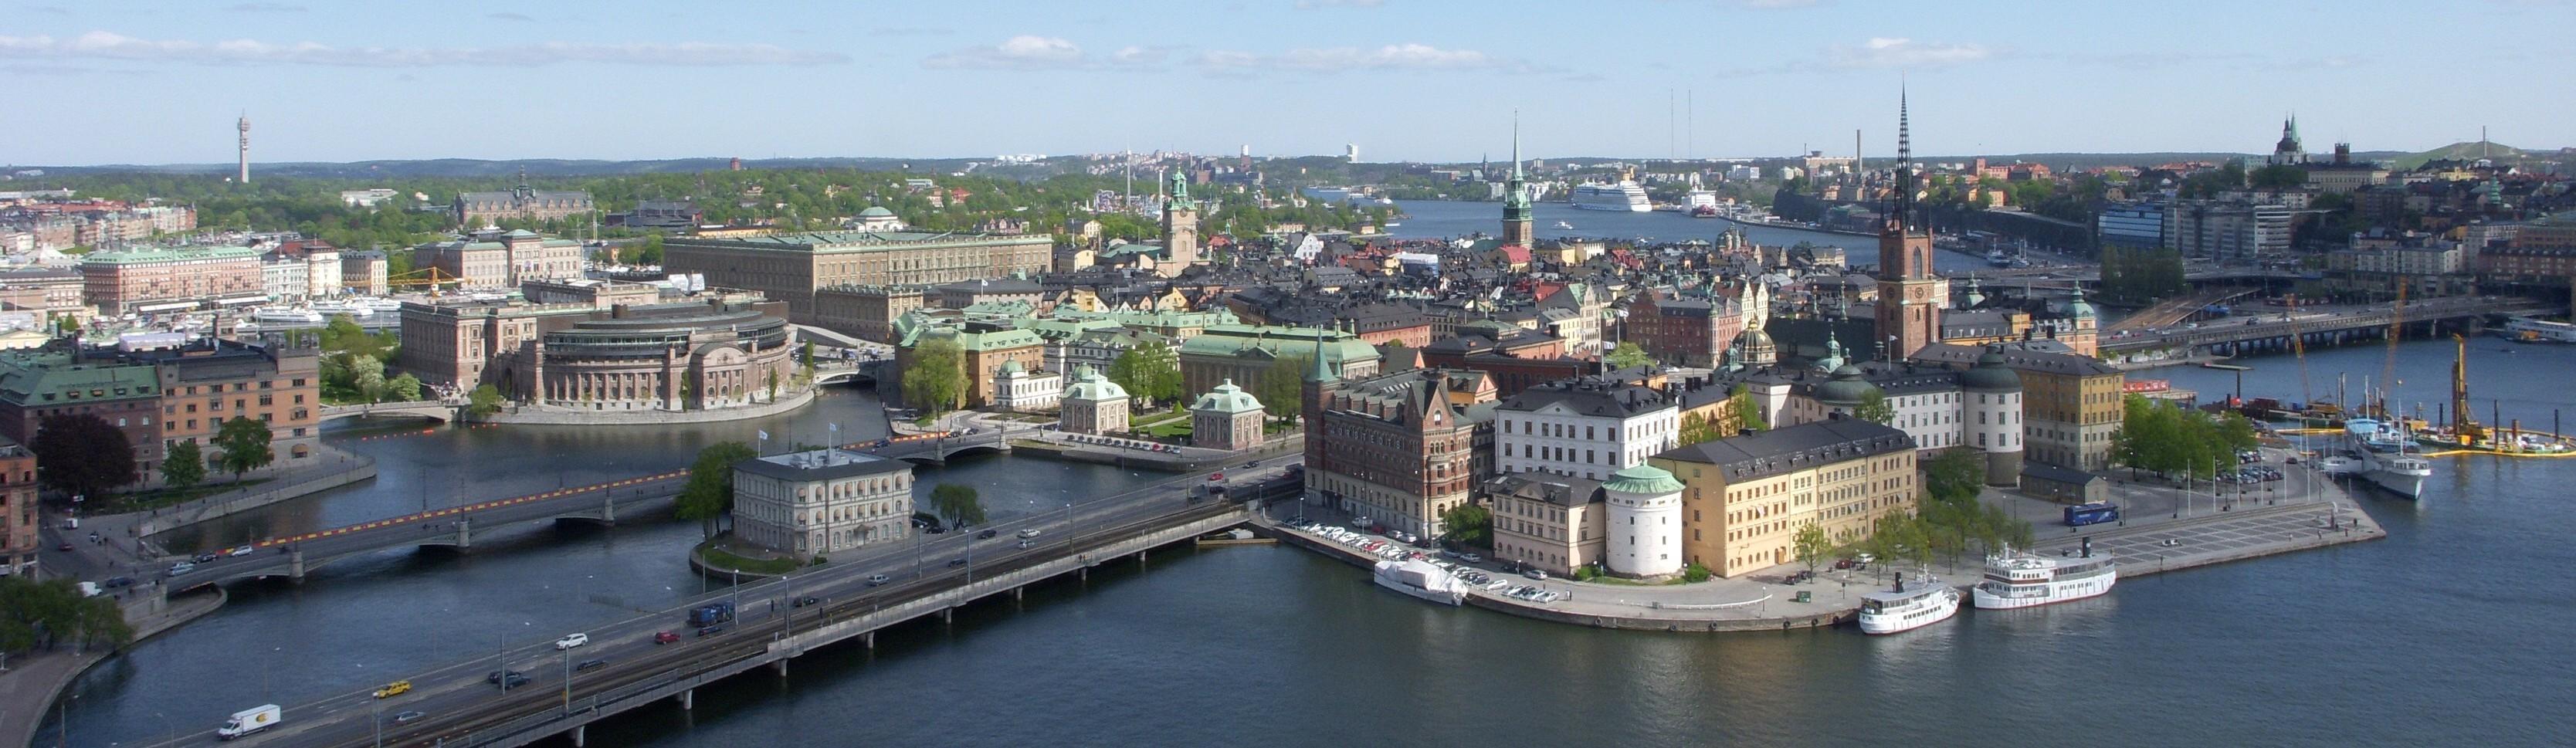 kungsholmen dating site)